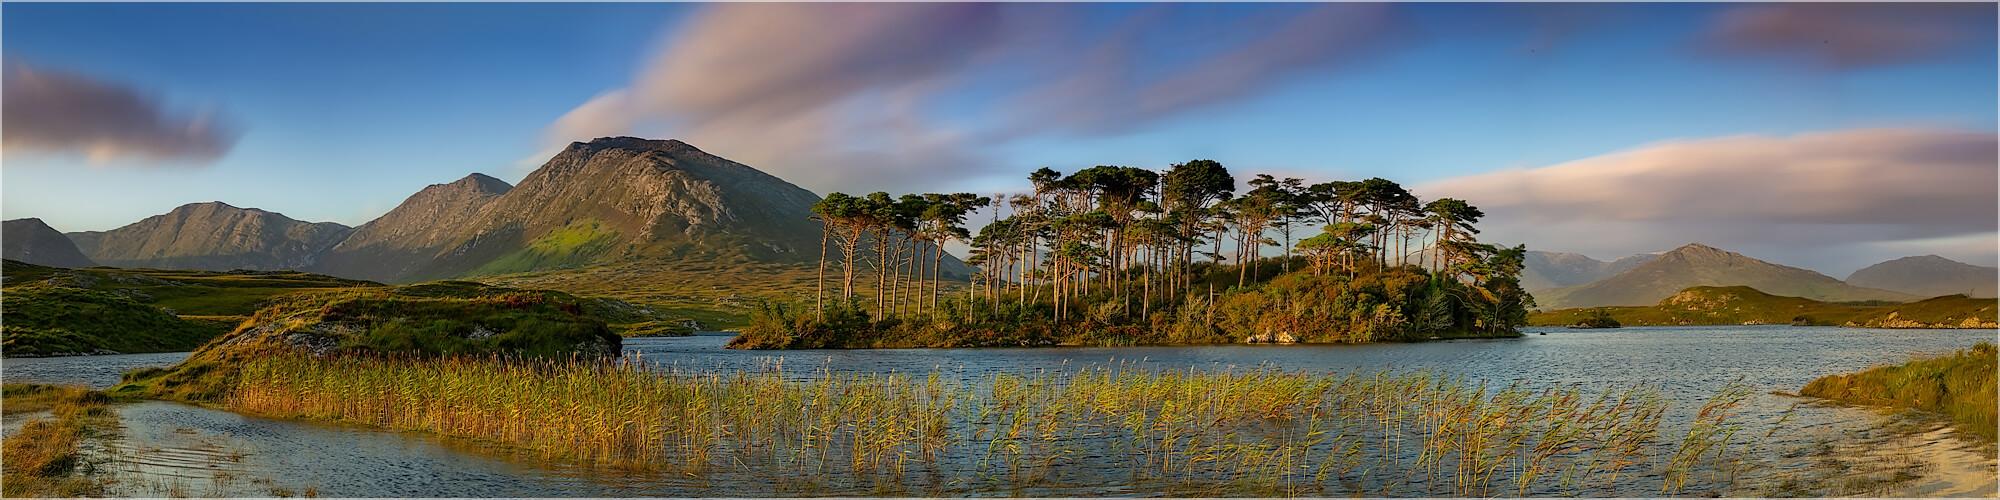 Panoramabild Pine Tree Island Connemara National Park Irland